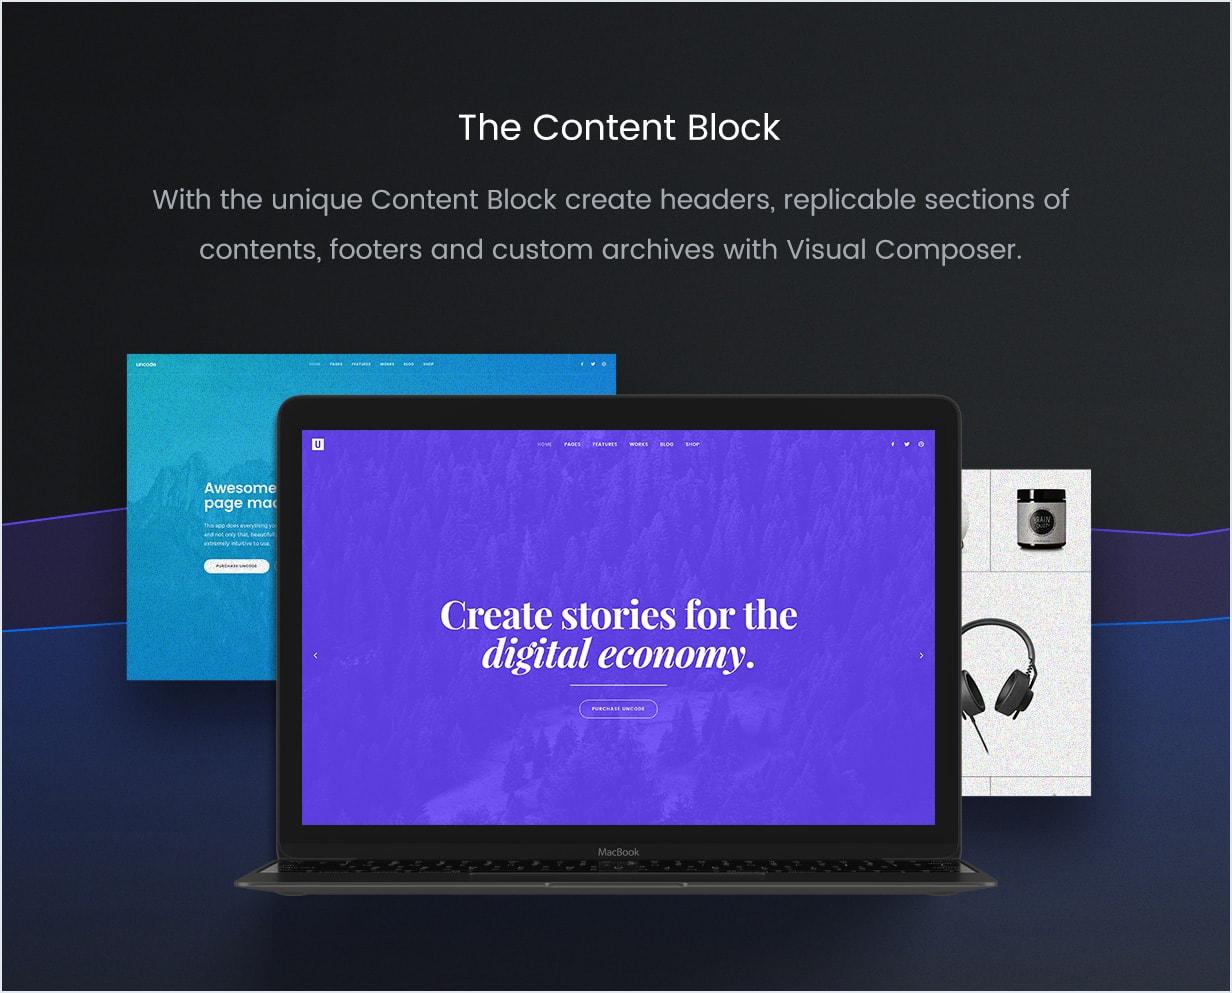 Bloco de conteúdo